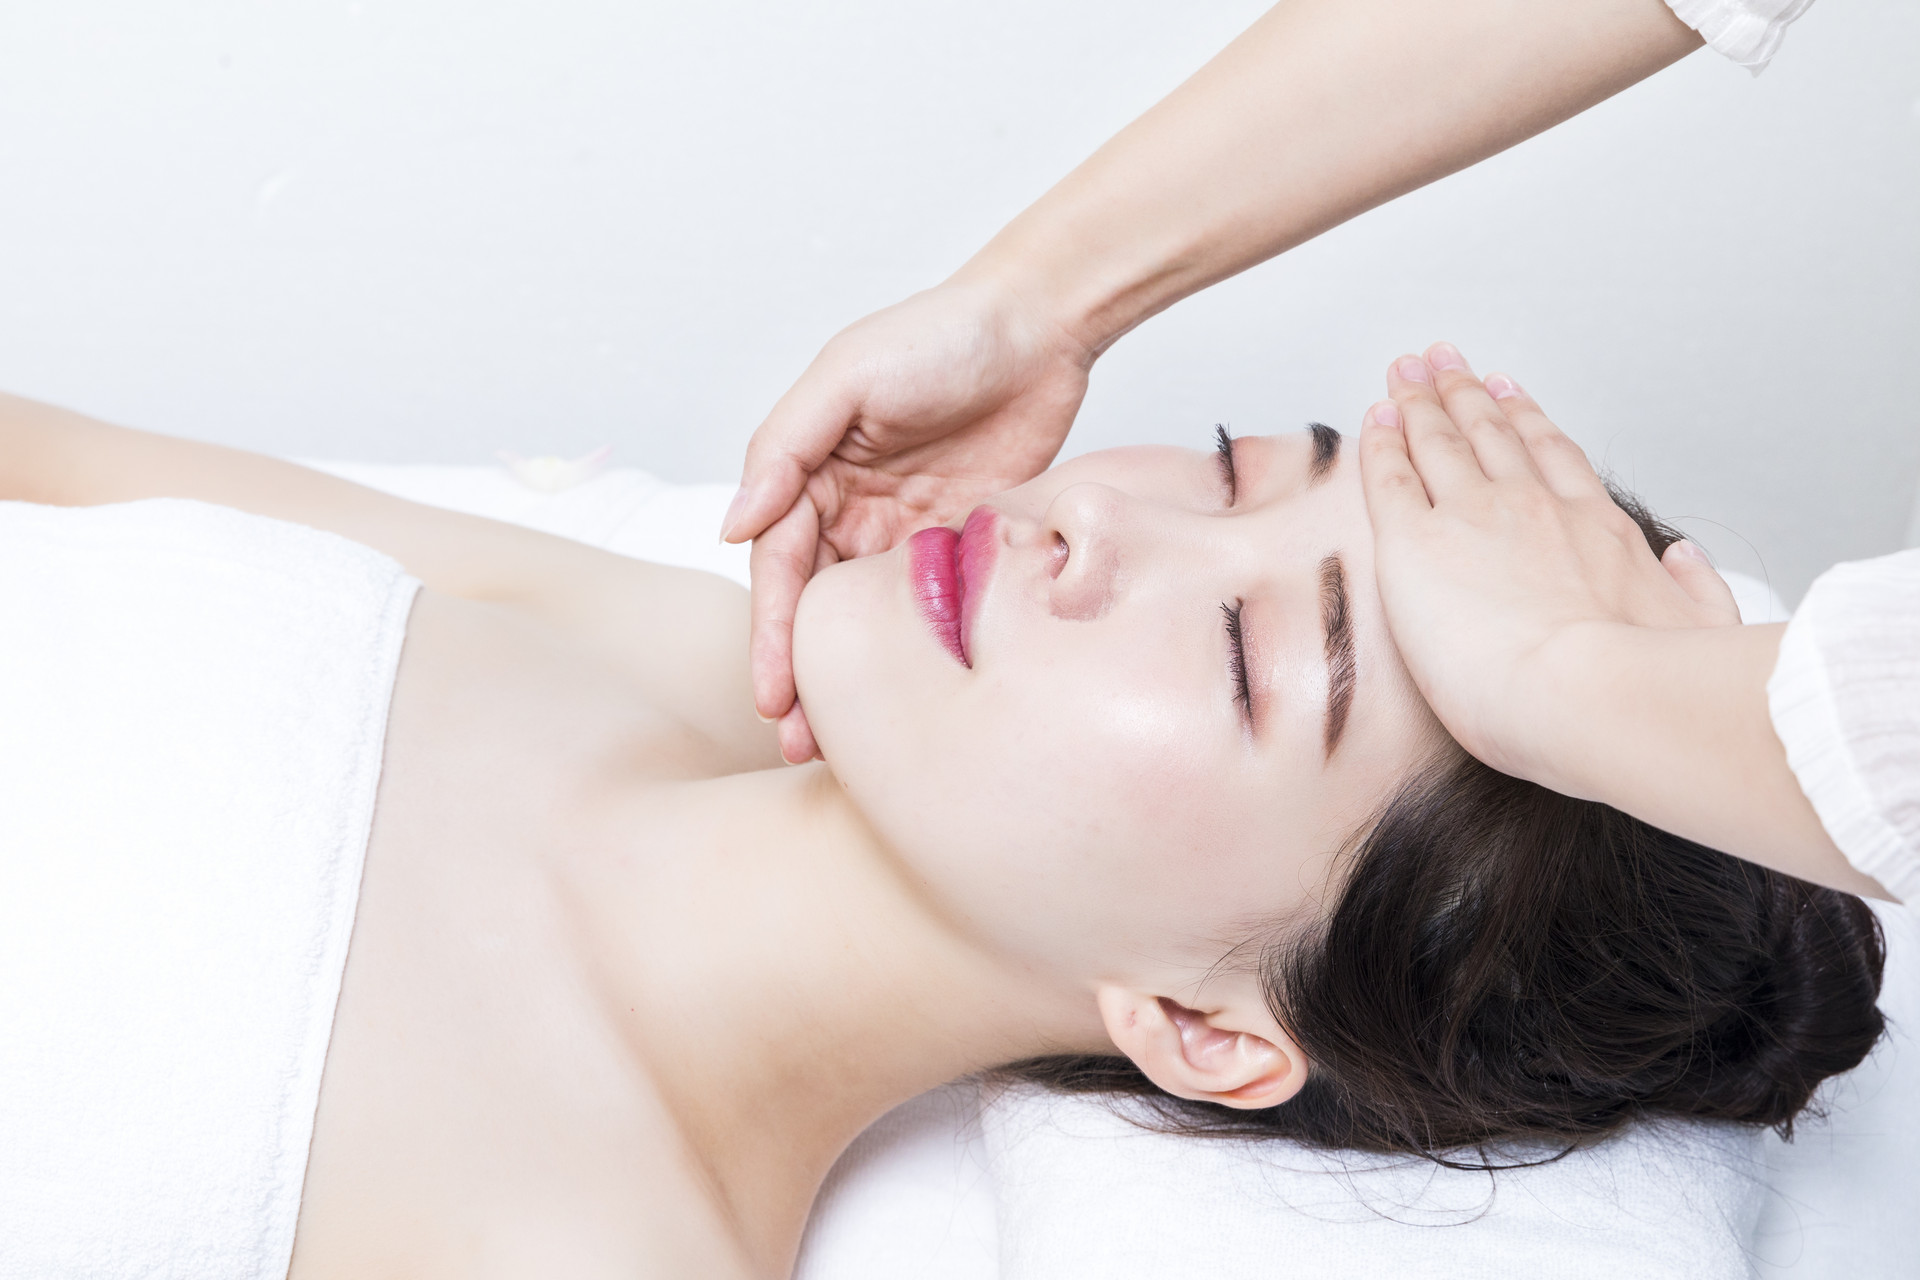 金华学皮肤管理培训多少钱